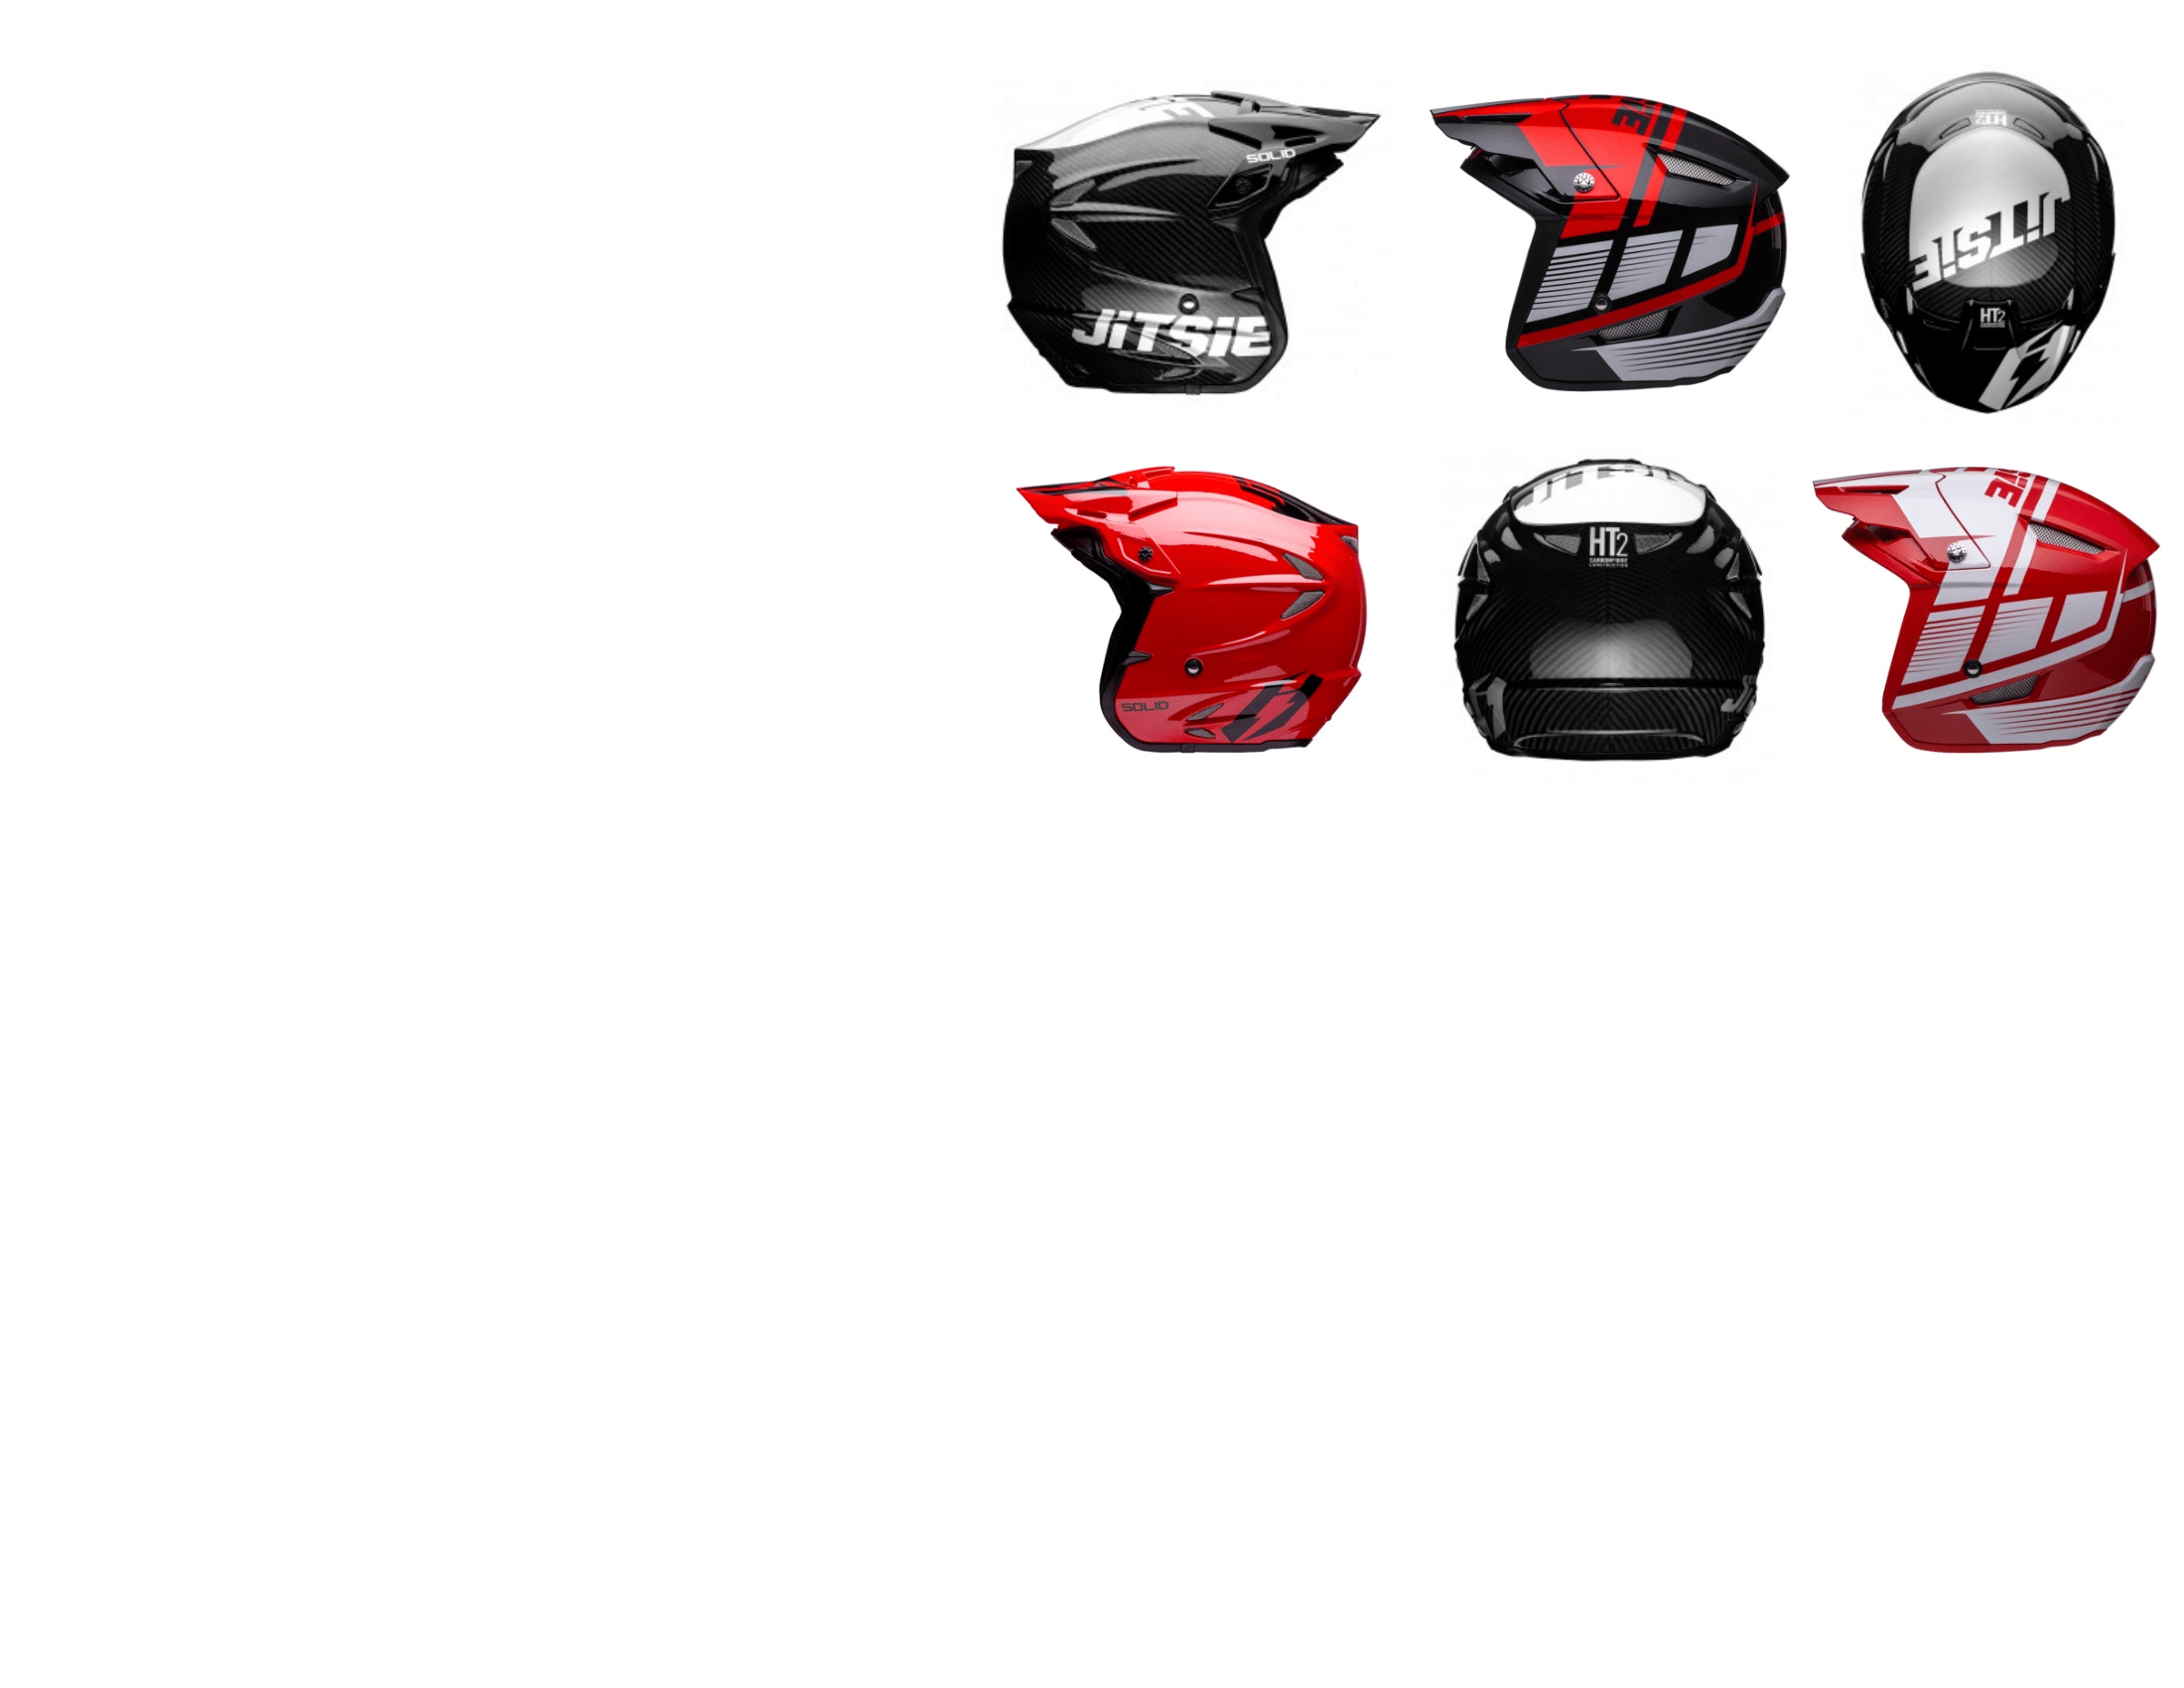 2019 HT2 L3 Triztan helmets